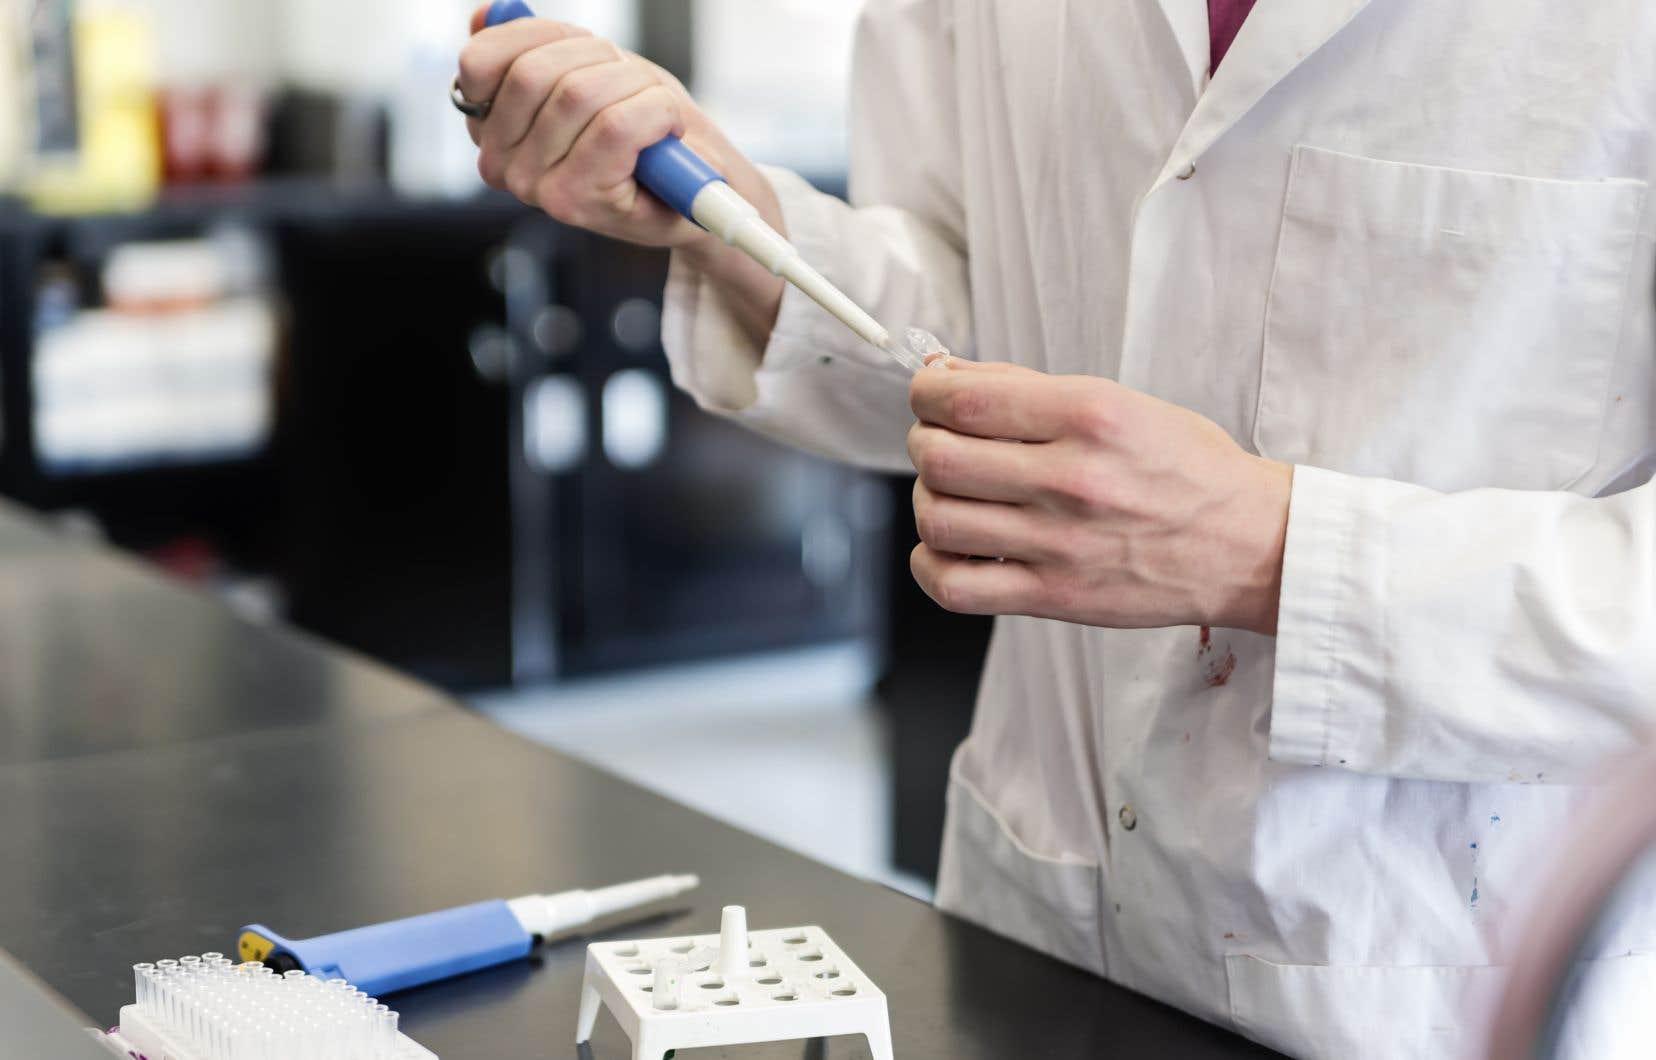 «Pour la majorité des gens, le sarrau blanc porté par un homme en est donc venu à symboliser le travail de tous les scientifiques», note l'auteur.